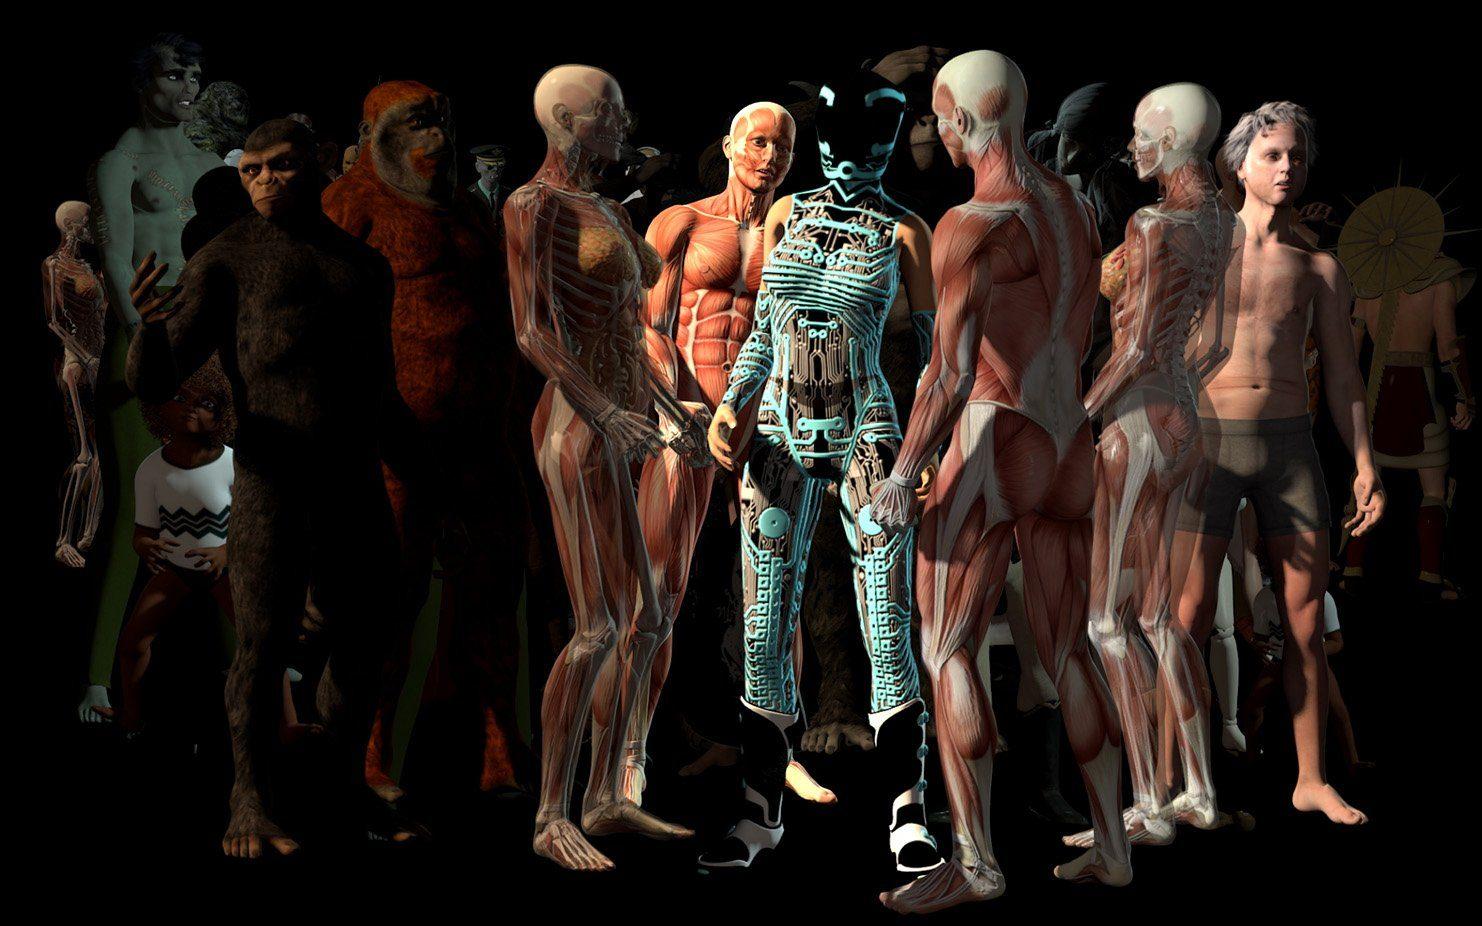 No Man II von Ho Tzu Nyen vereint 50 aus Onlinematerial digital generierte Figuren in der Kärntnertorpassage